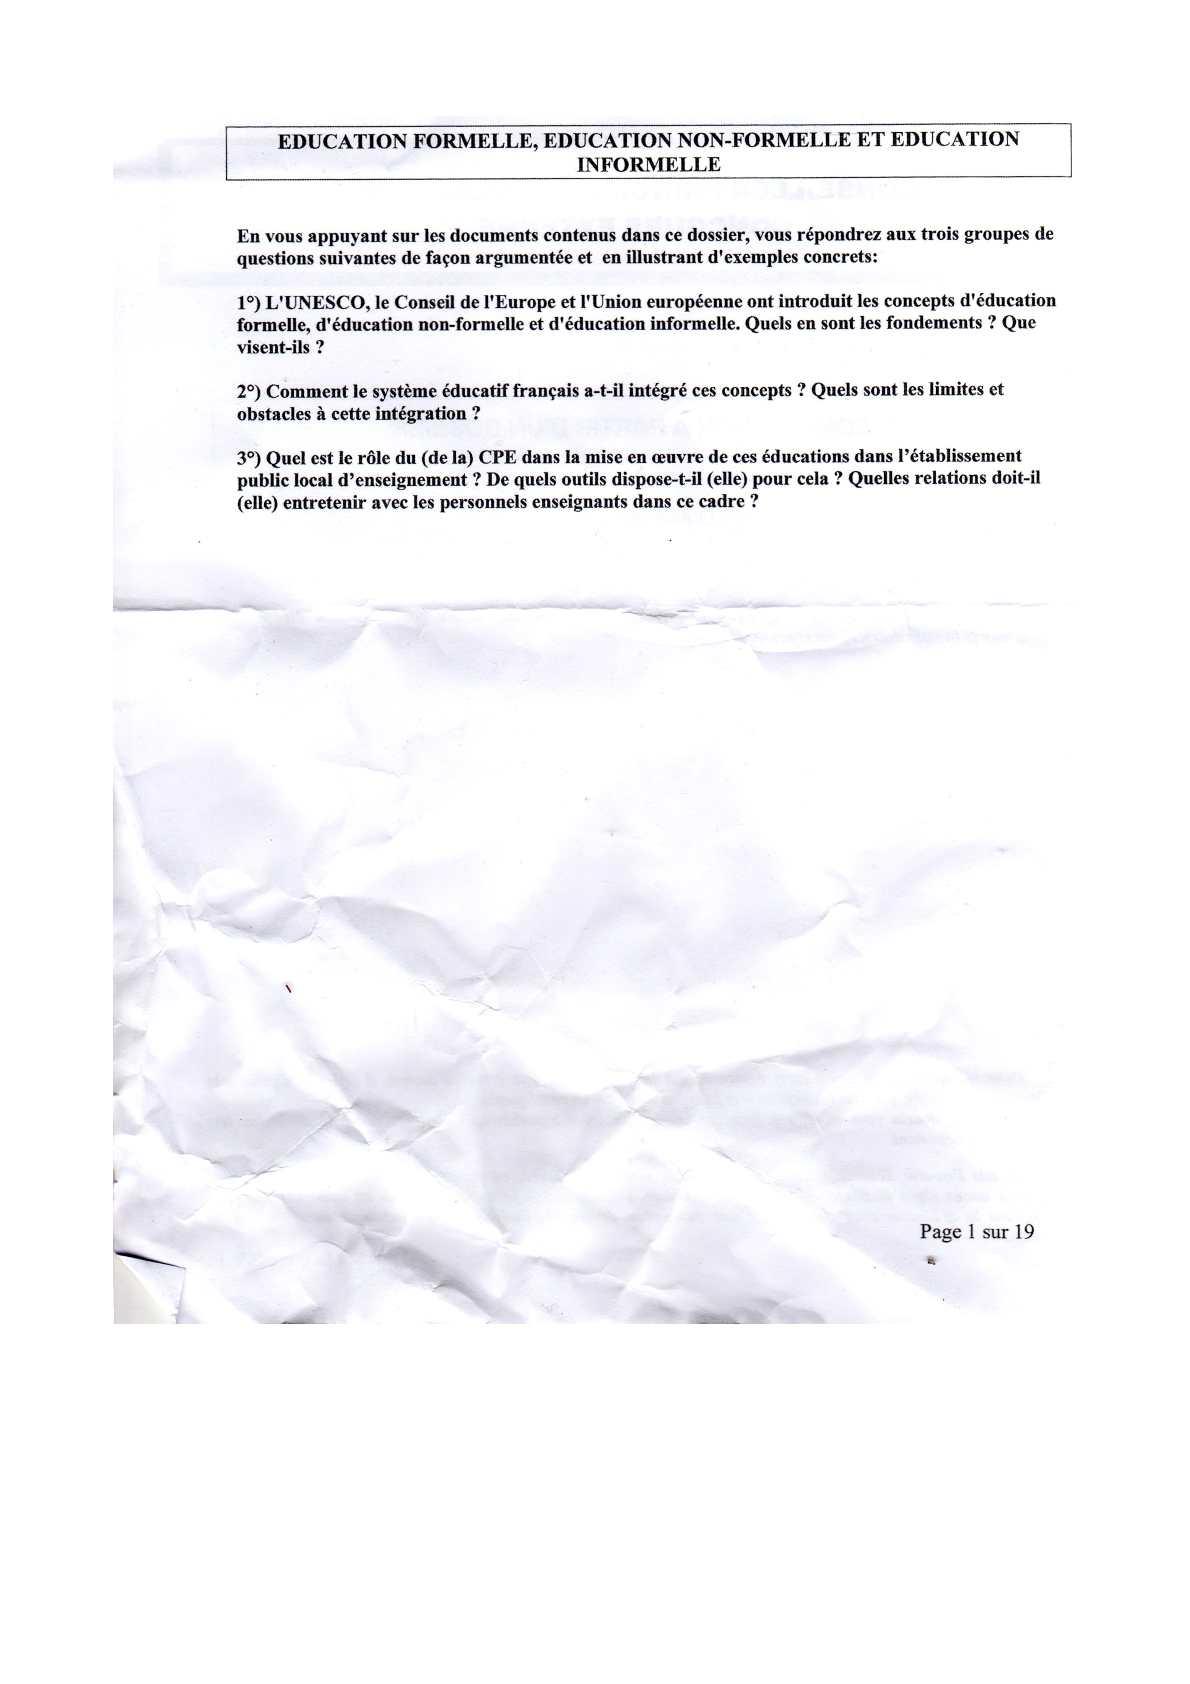 Composition du concours CPE session 2011